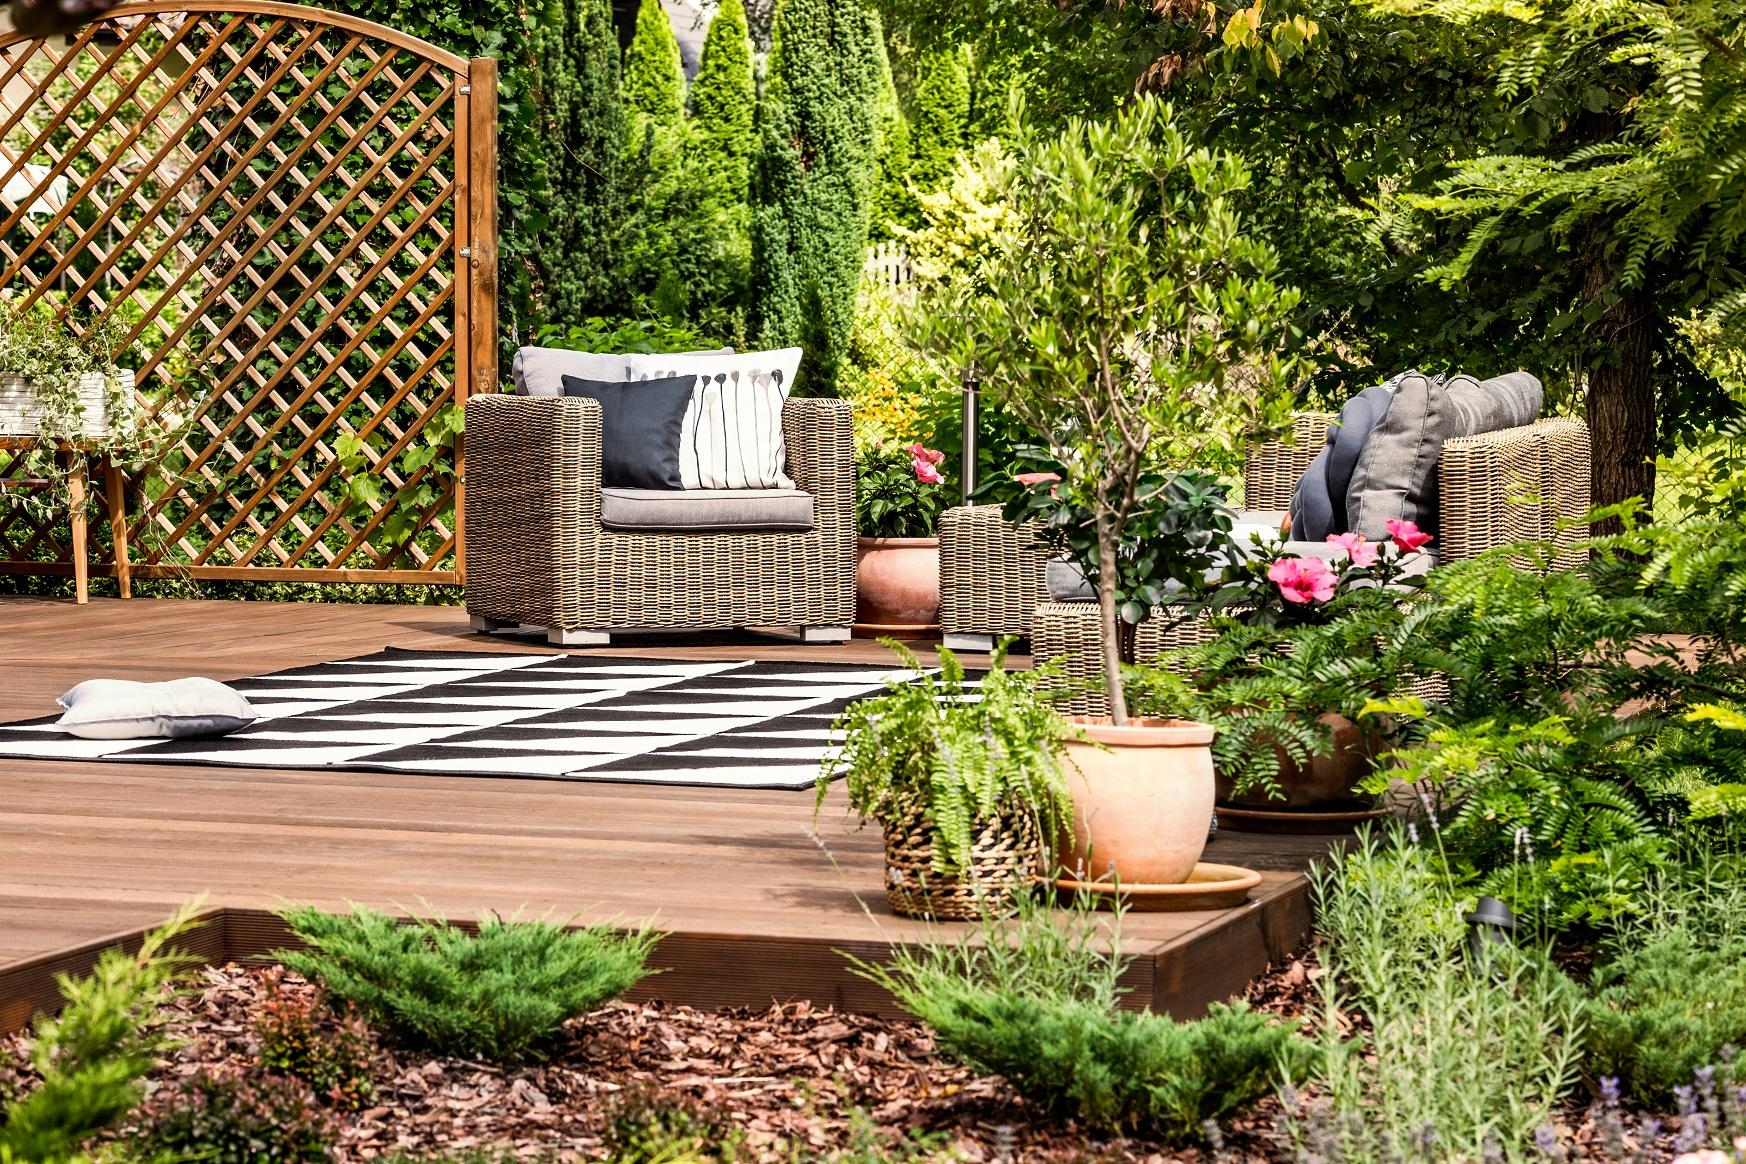 Divanetto Per Balcone Piccolo outdoor style: come arredare al meglio balconi e terrazze in